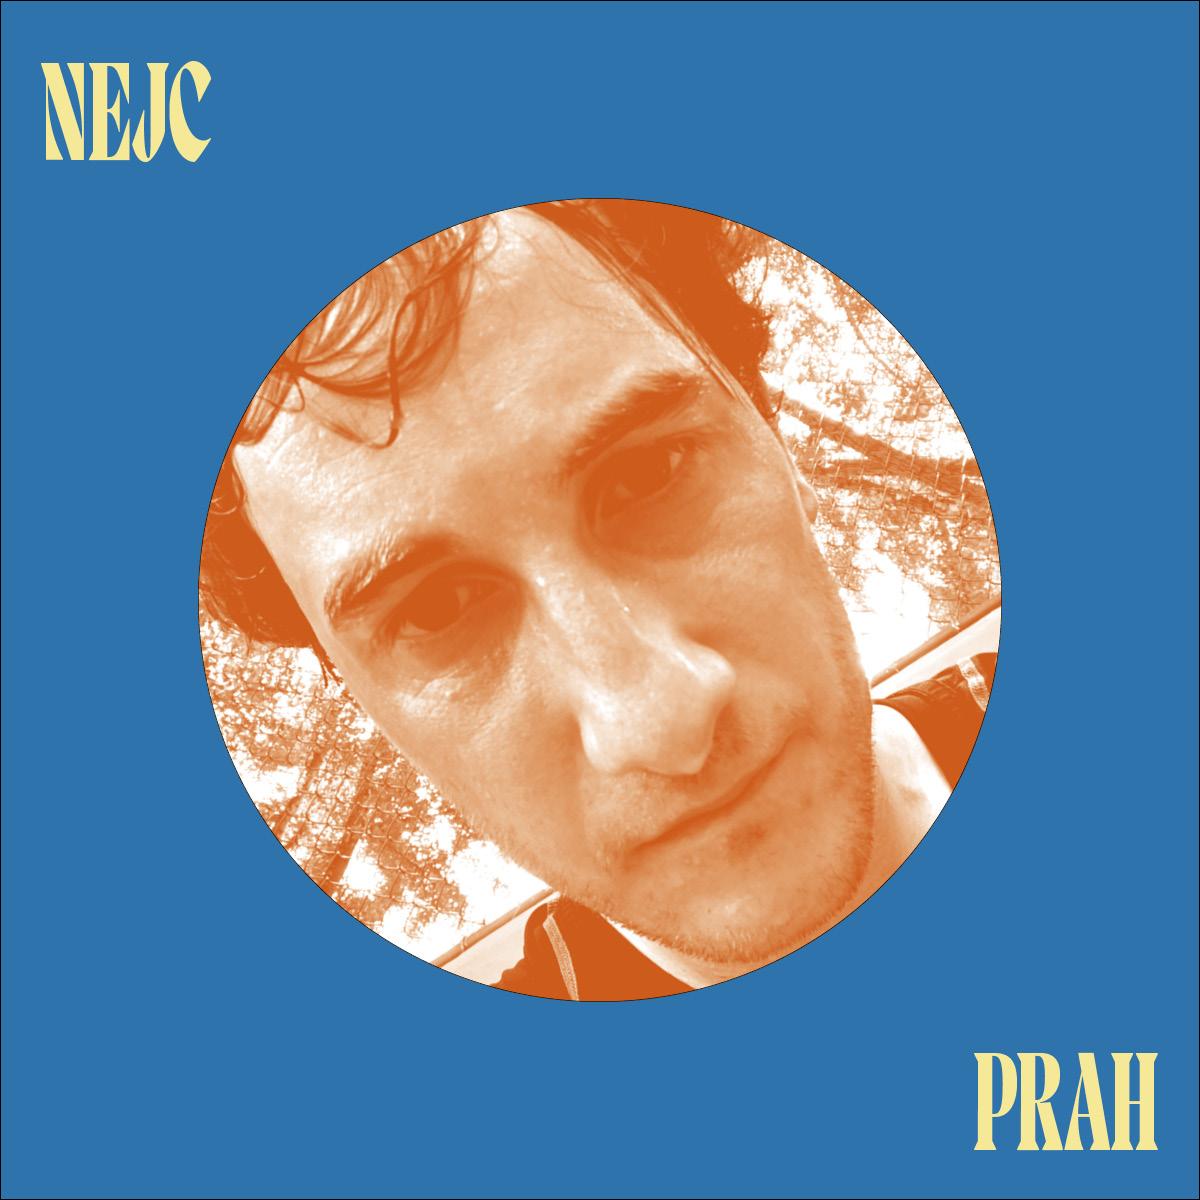 Slika Nejc Prah